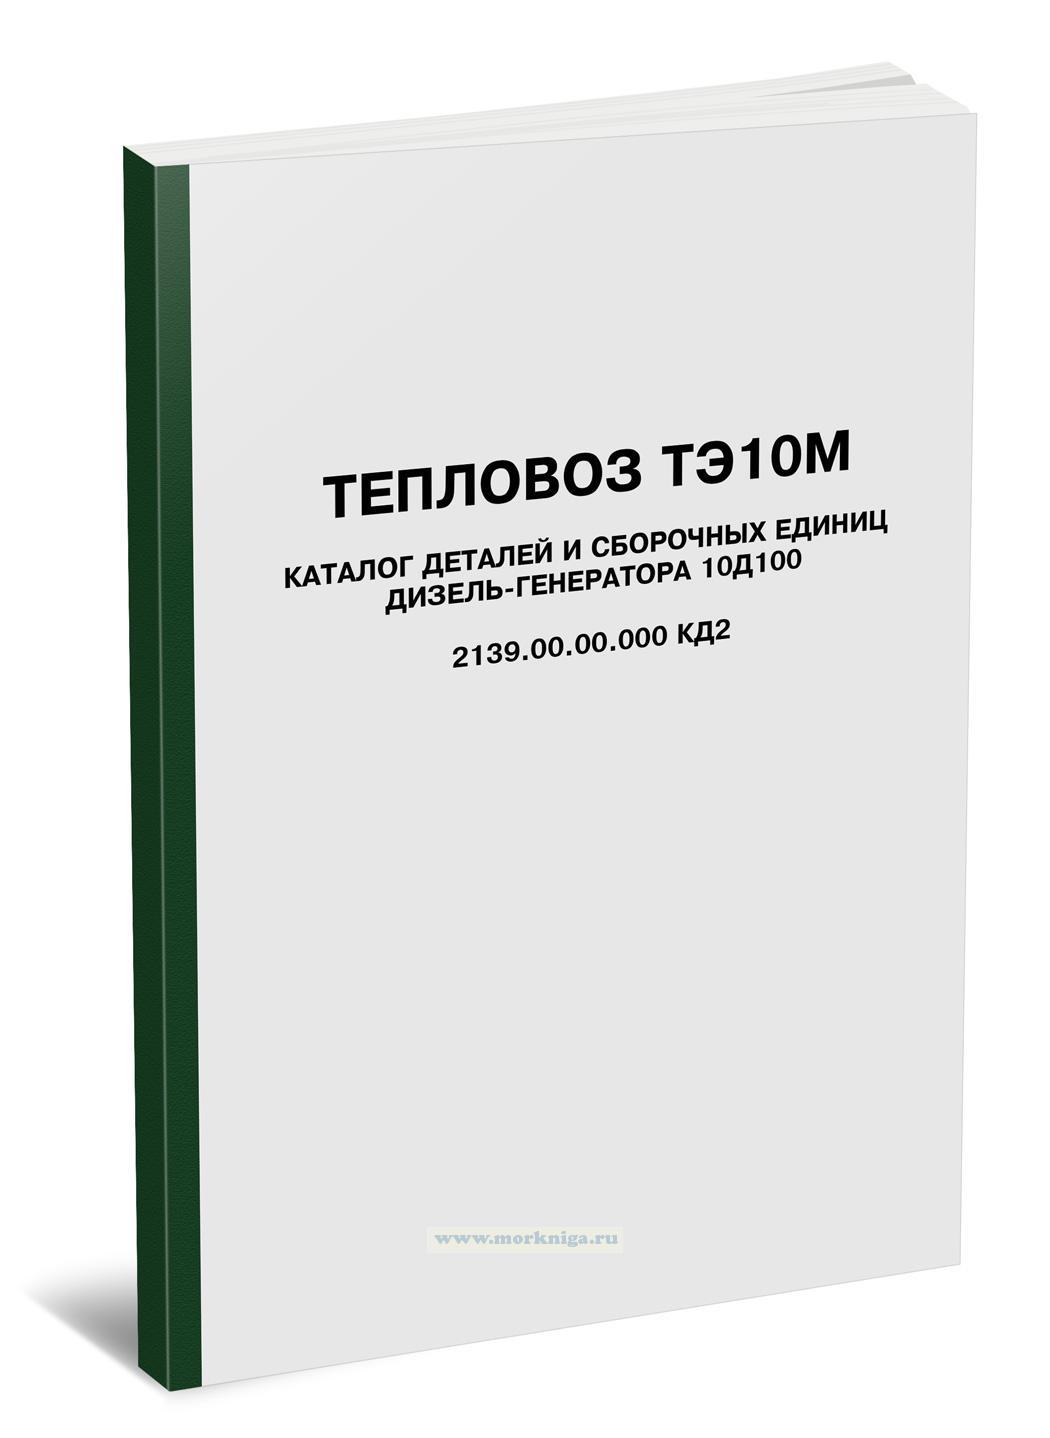 Каталог деталей и сборочных единиц дизель-генератора 10Д100. 2139.00.00.000 КД2. Тепловоз ТЭ10М